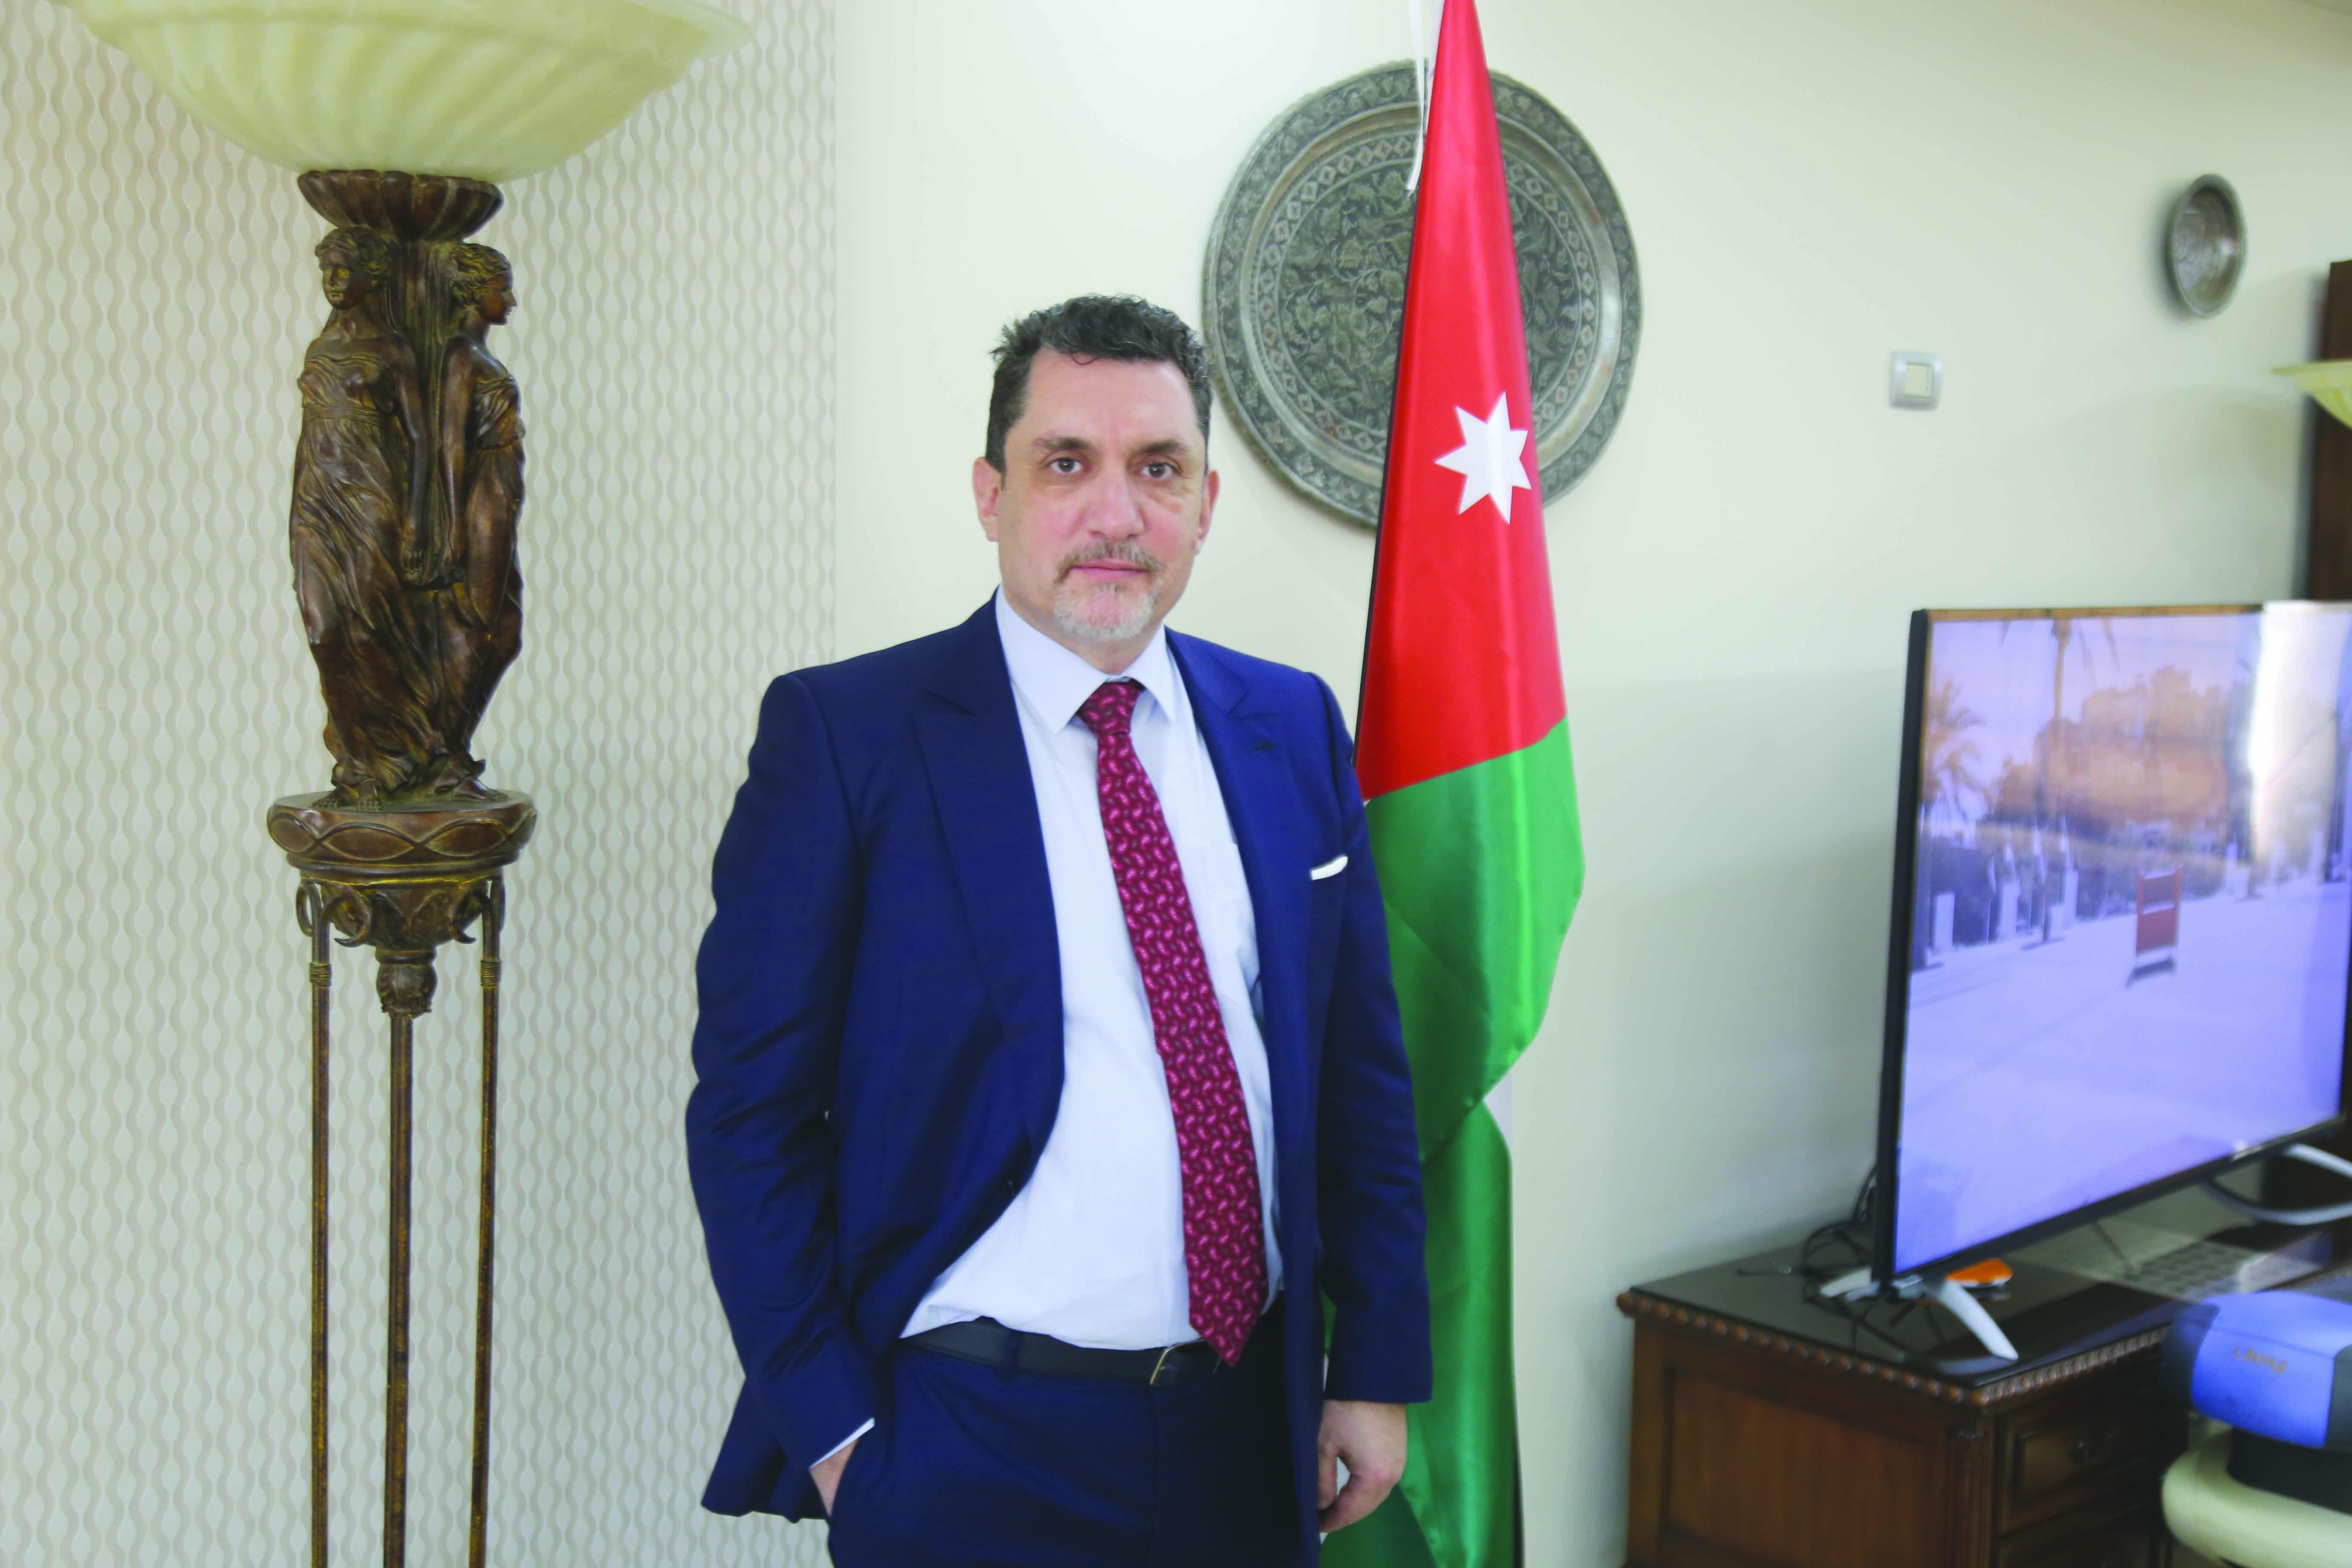 لقاء مع رئيس الجامعة الامريكية للثقافة والتعليم  الدكتور عبد السلام النابلسي